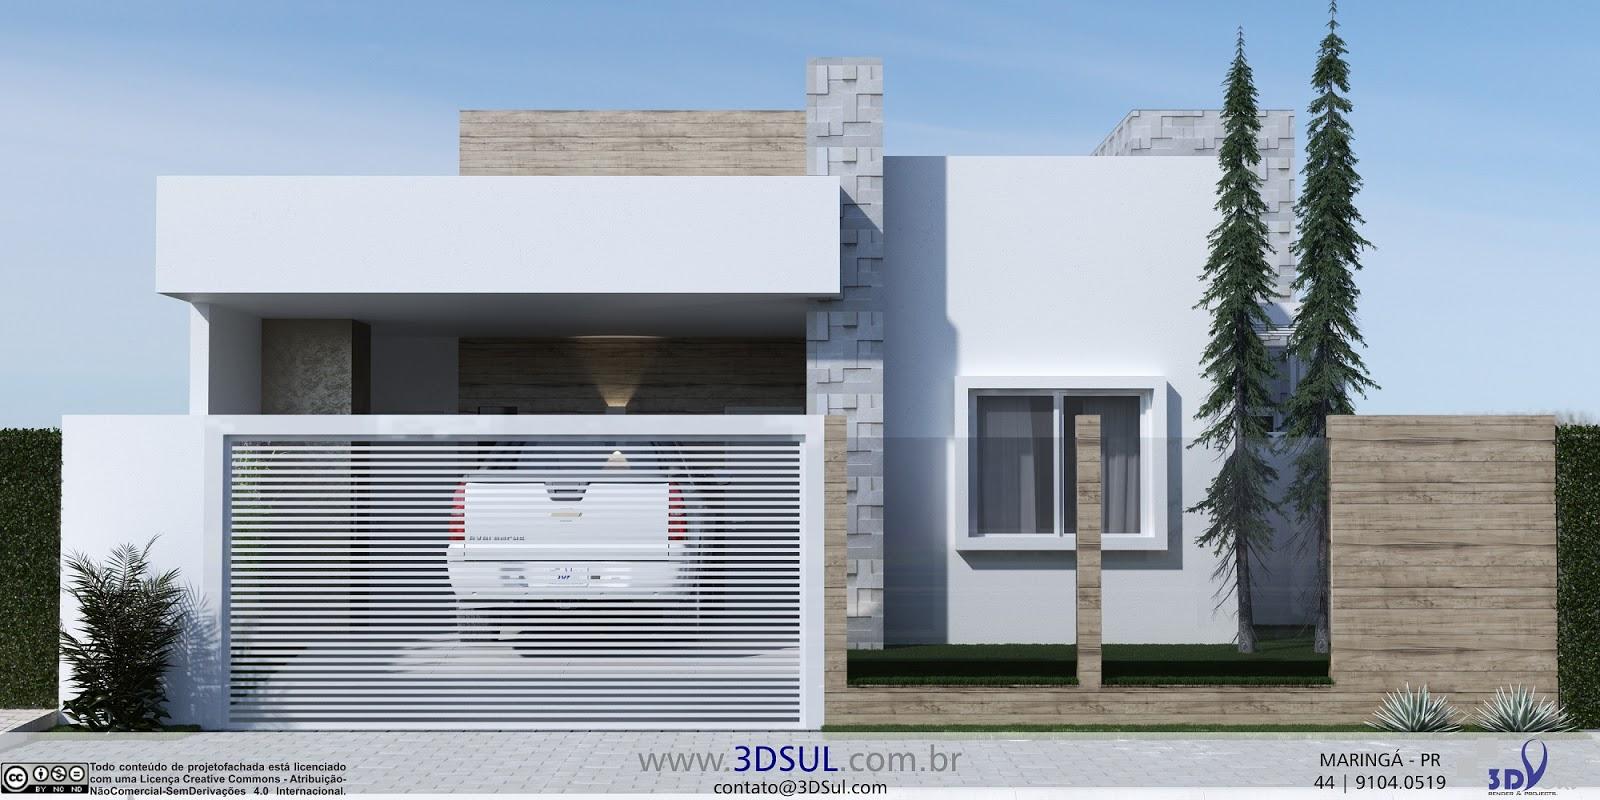 3dsul maquete eletr nica 3d arquitetura 3d fachada for Casa moderna restaurante salta